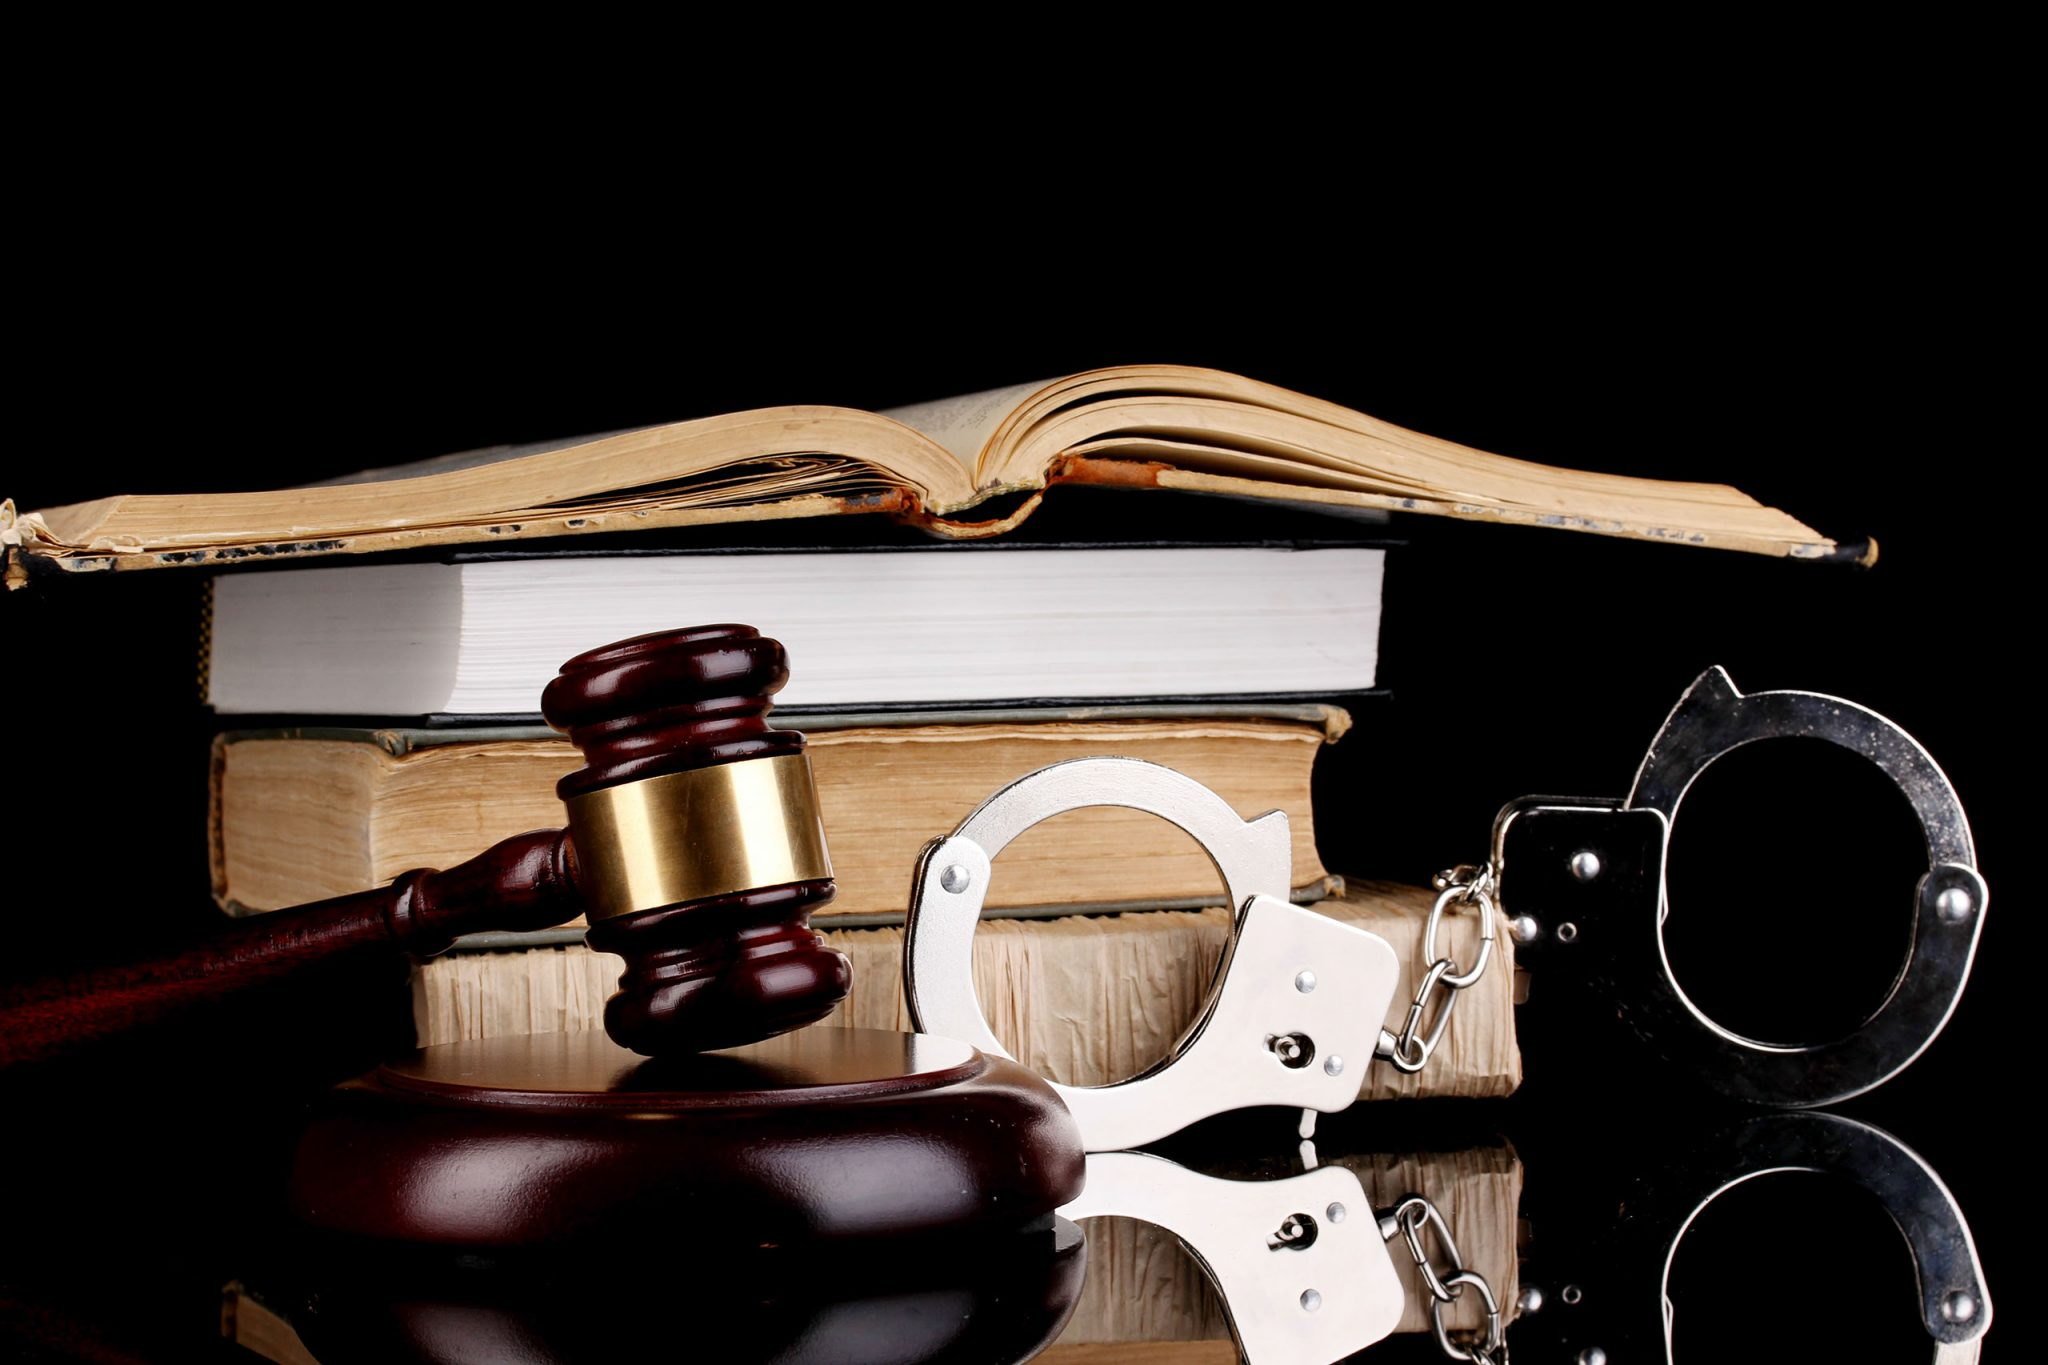 La responsabilidad penal de los menores. Medidas susceptibles de ser impuestas a los menores de edad.